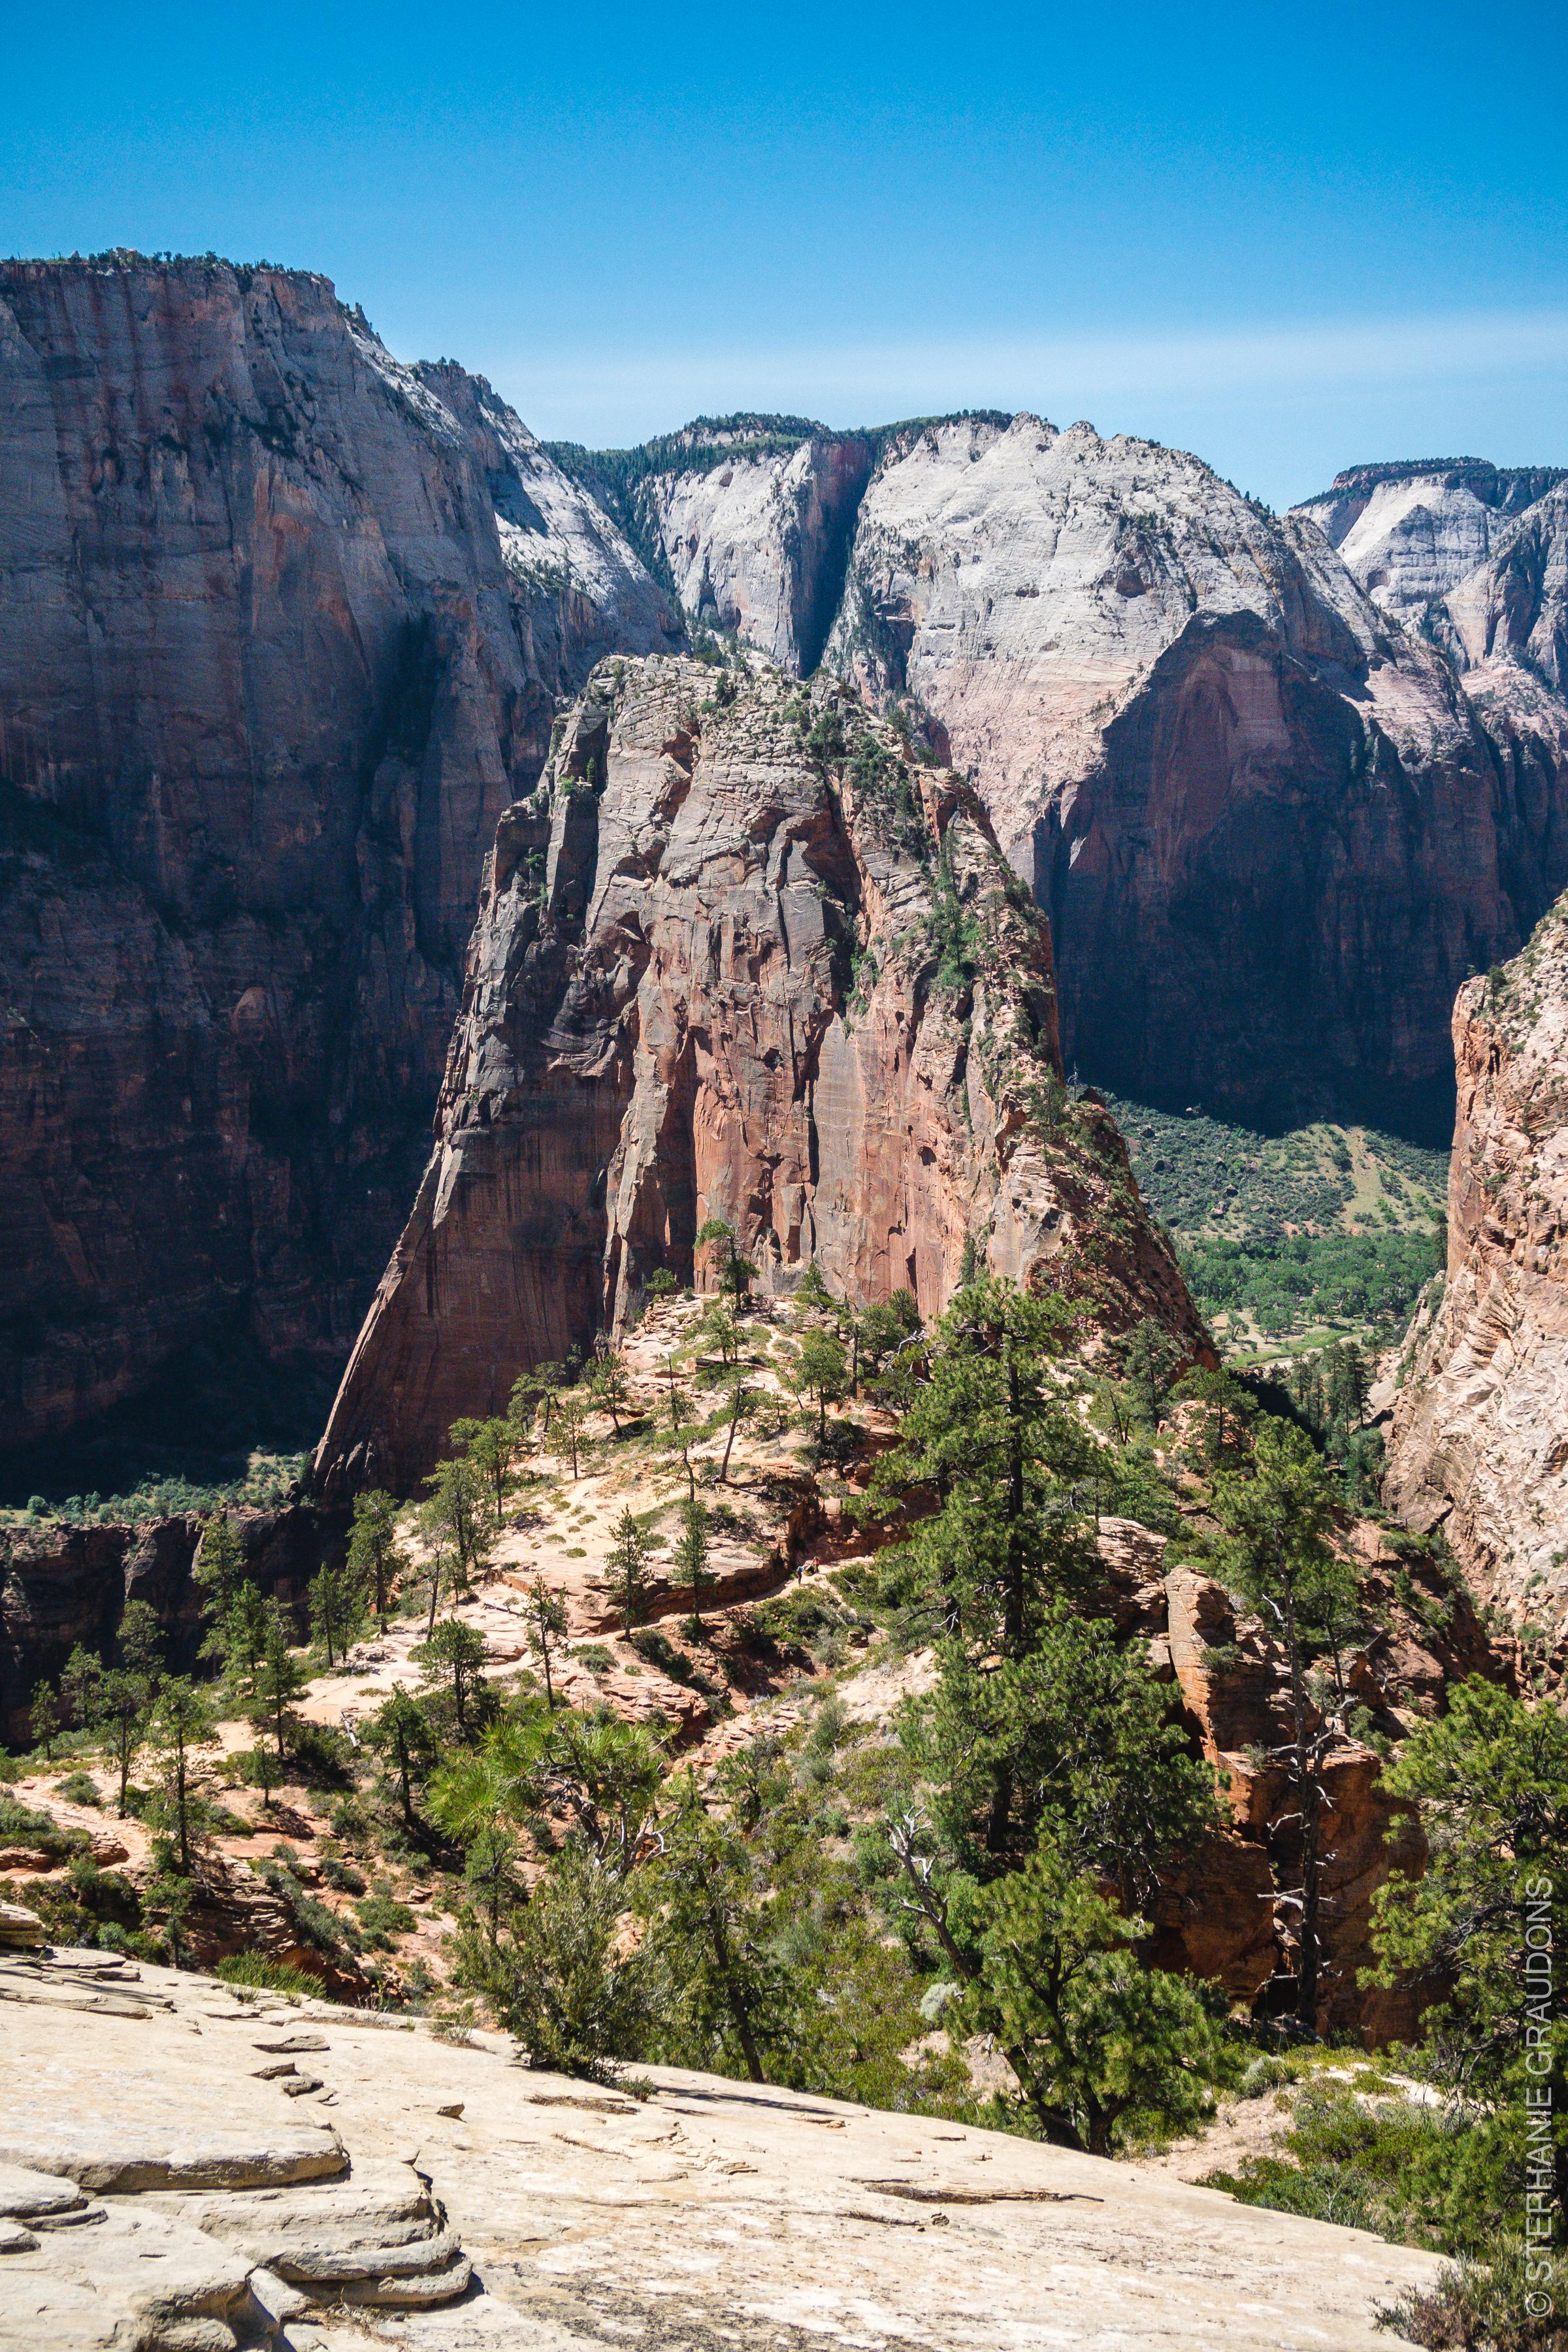 WM-Zion-National-Park-2014.jpg